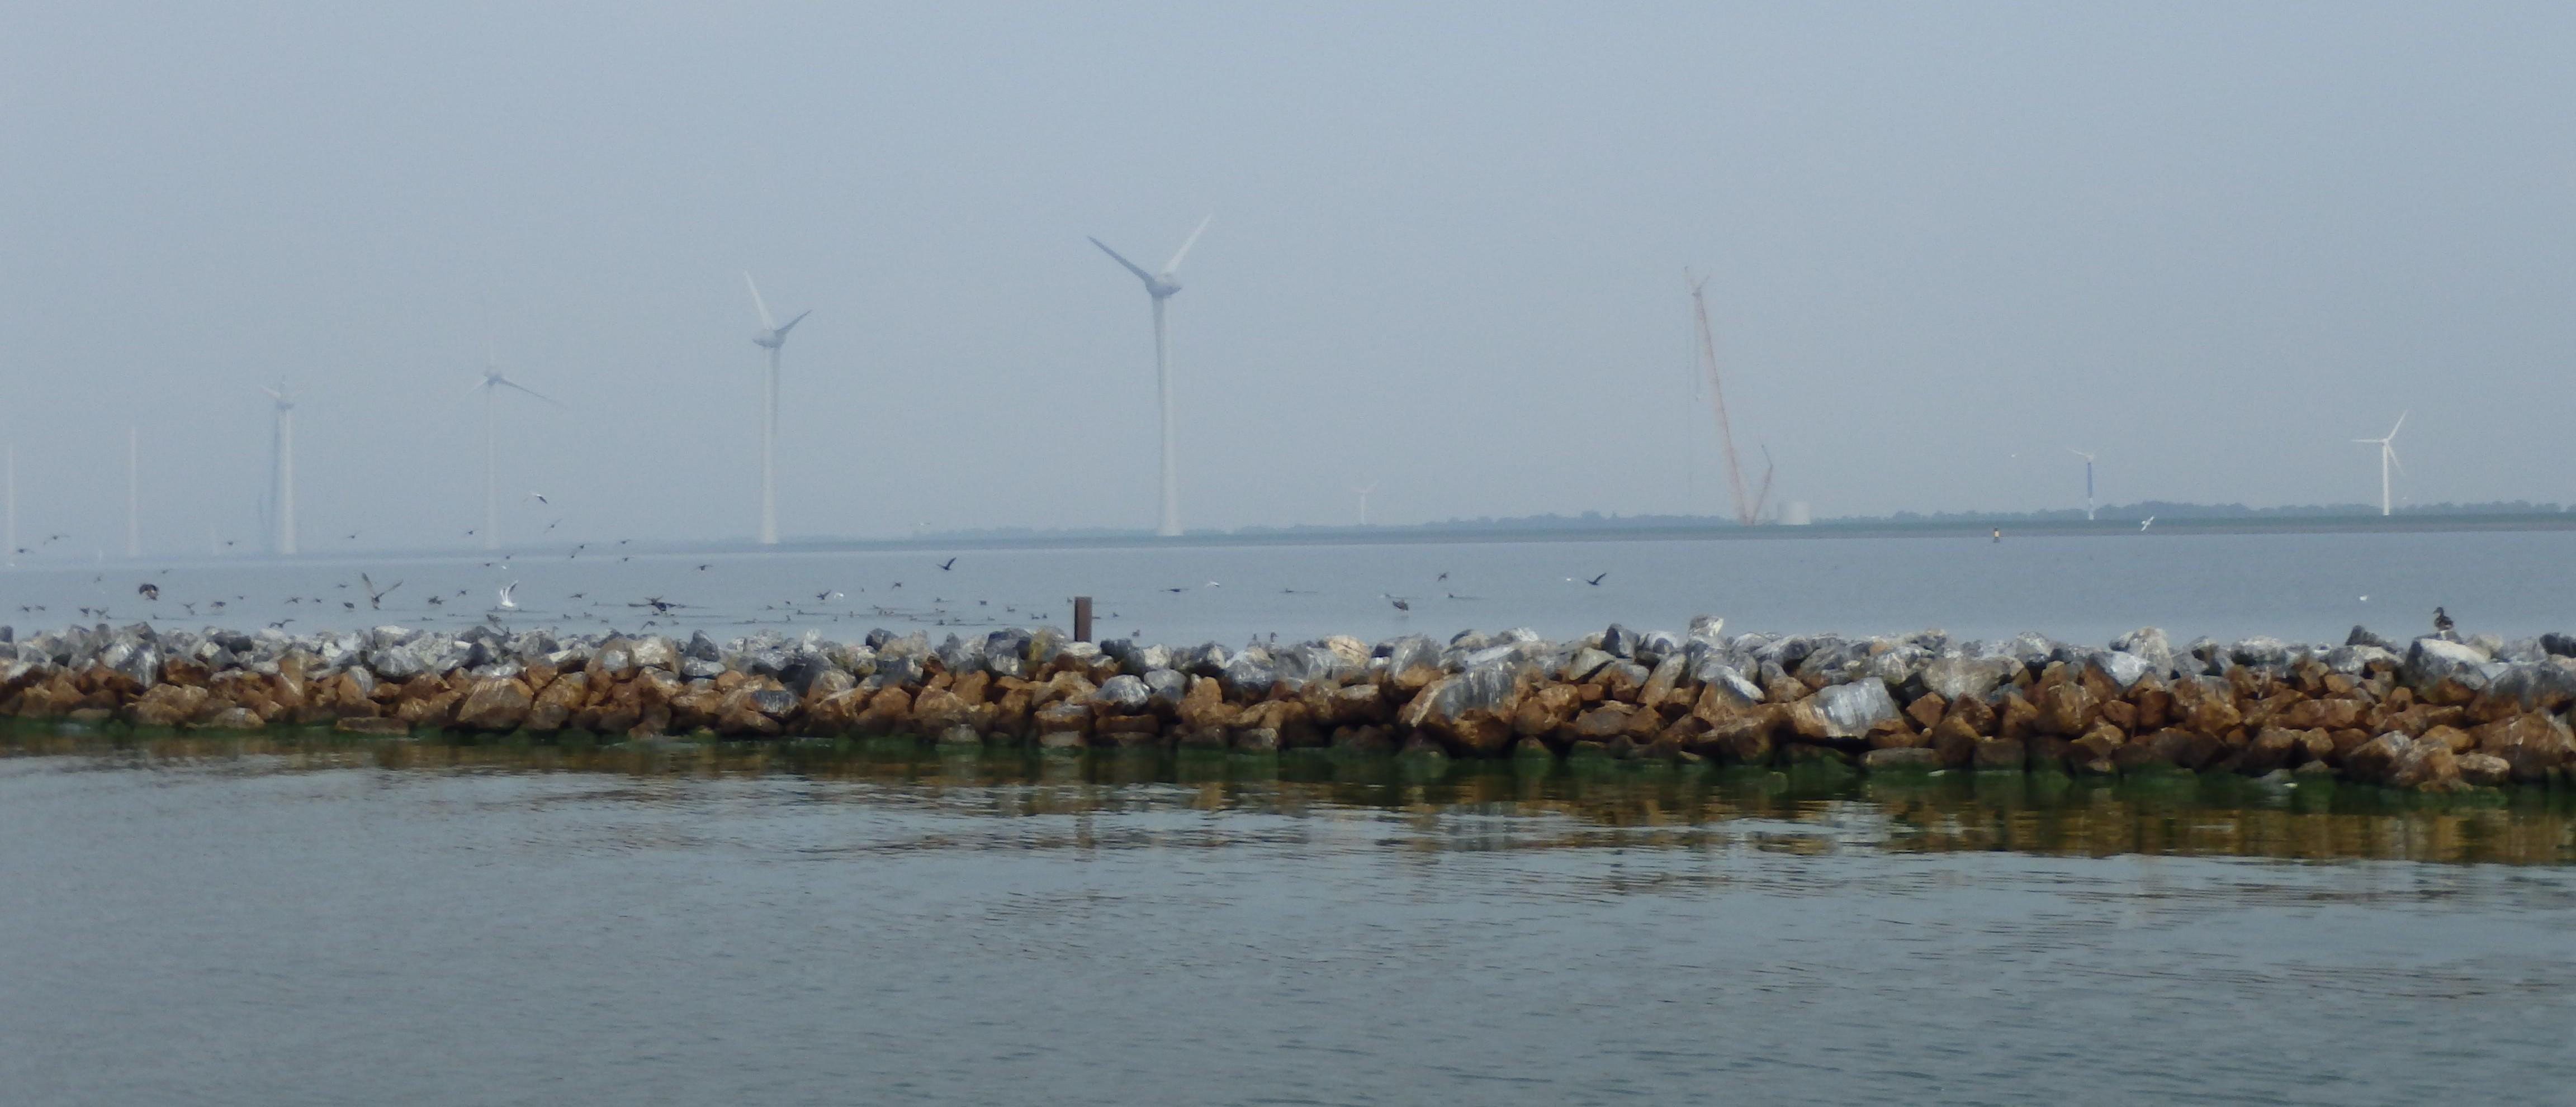 Vliegende start natuurvoorziening windpark Noordoostpolder